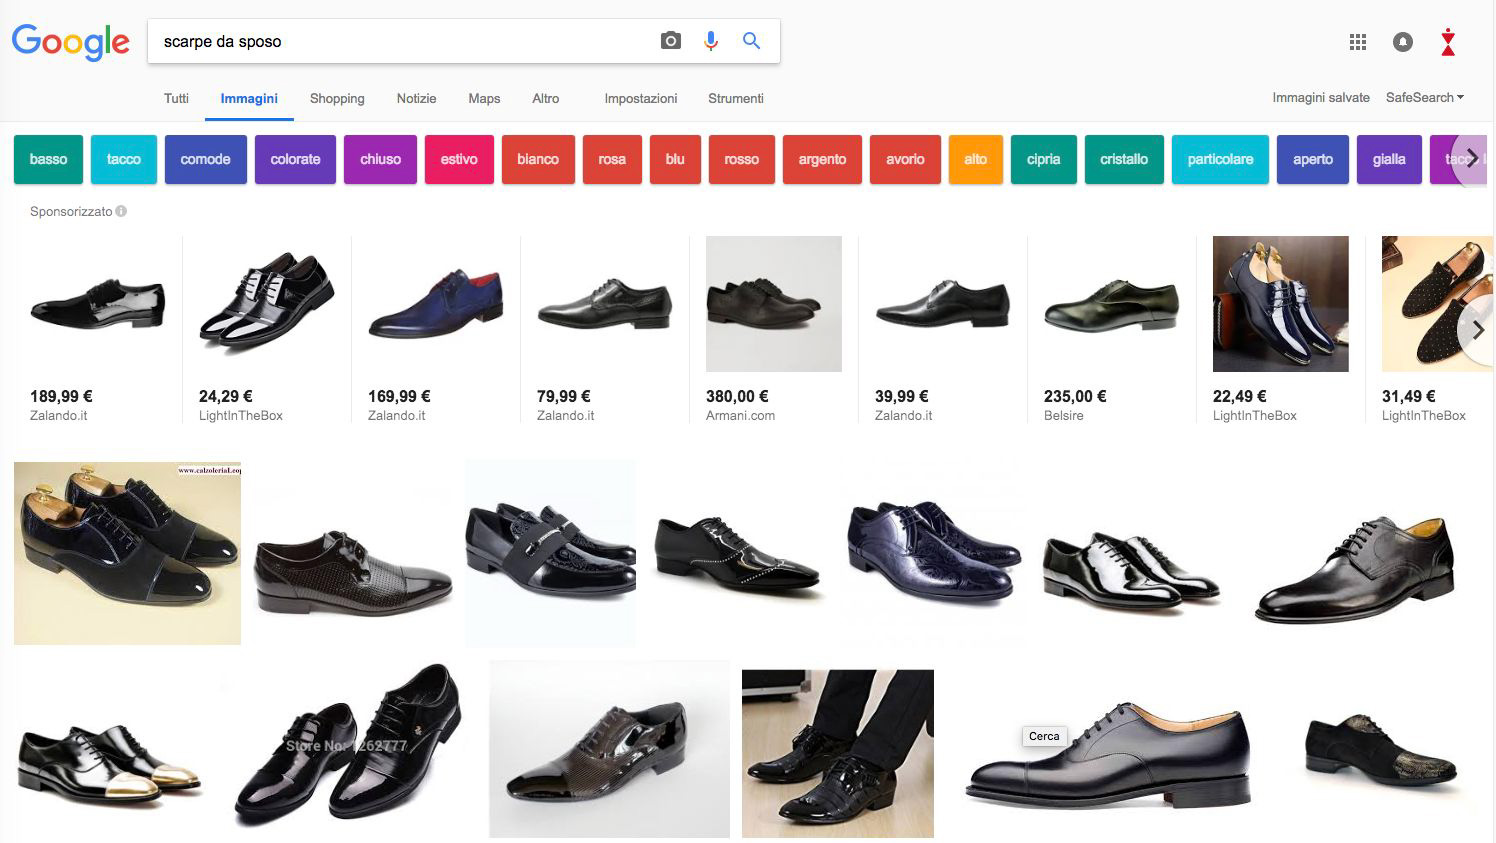 Etichette SEO immagini Google